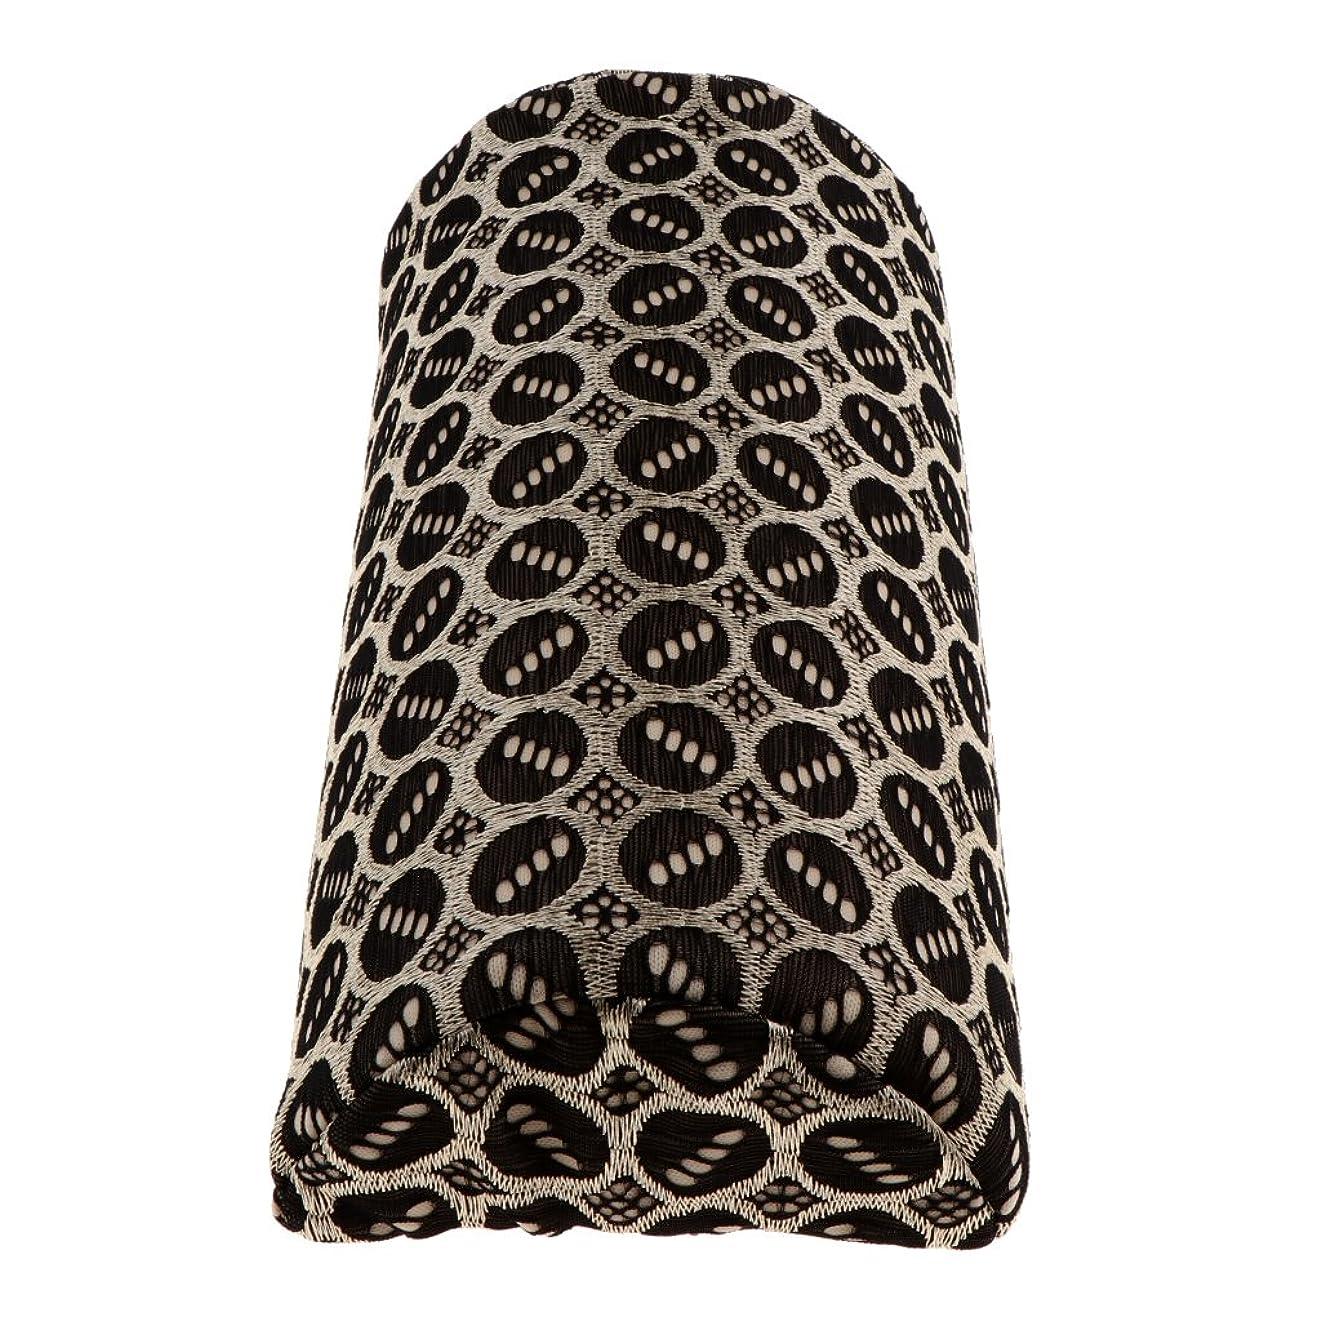 カルシウム接触レンジKesoto ハンドレストピロー ネイルアート ソフト サロン ネイル レストクッション 枕 洗濯可 取り外し可能 ハンドホルダーツール 8タイプ選べ - 7#